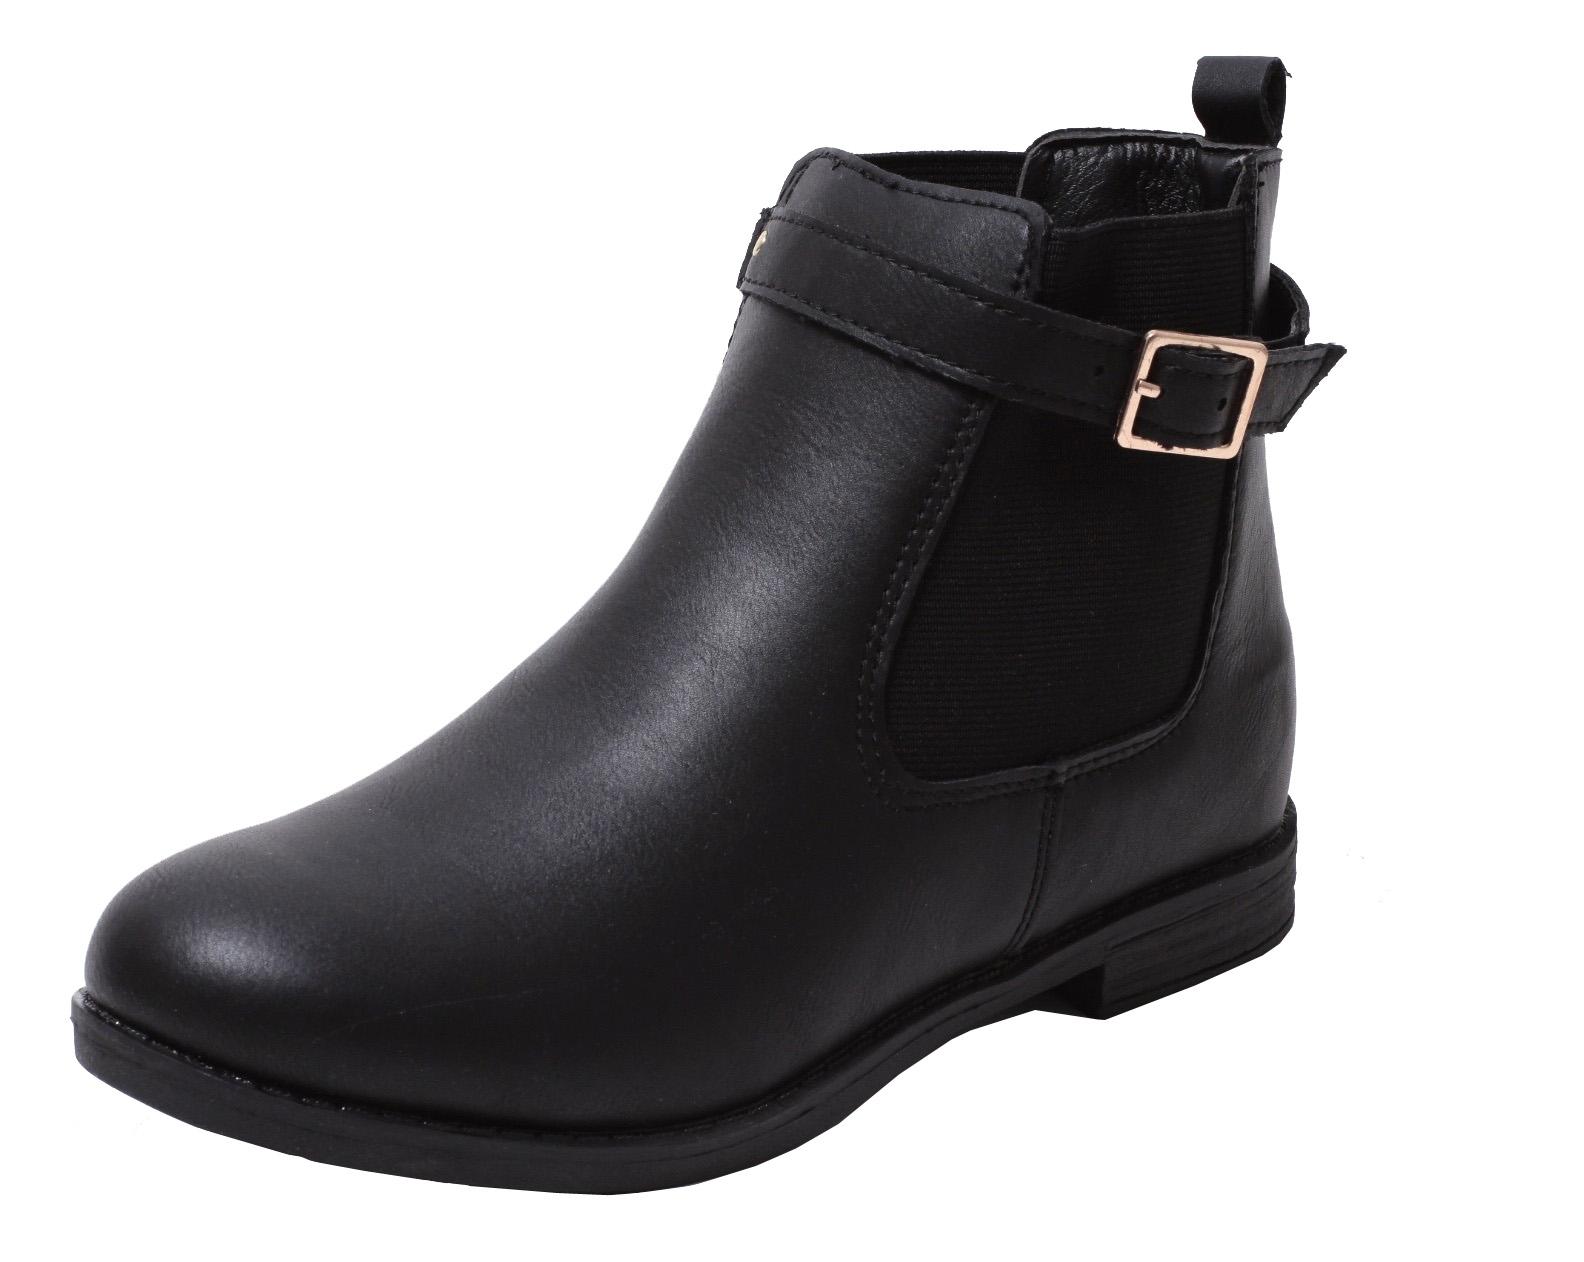 Gutscheincode komplettes Angebot an Artikeln Neuestes Design Mädchen Chelsea Stiefelette Stiefel Boots Winter Stiefel Biker Schuhe  schwarz | dynamic-24.de